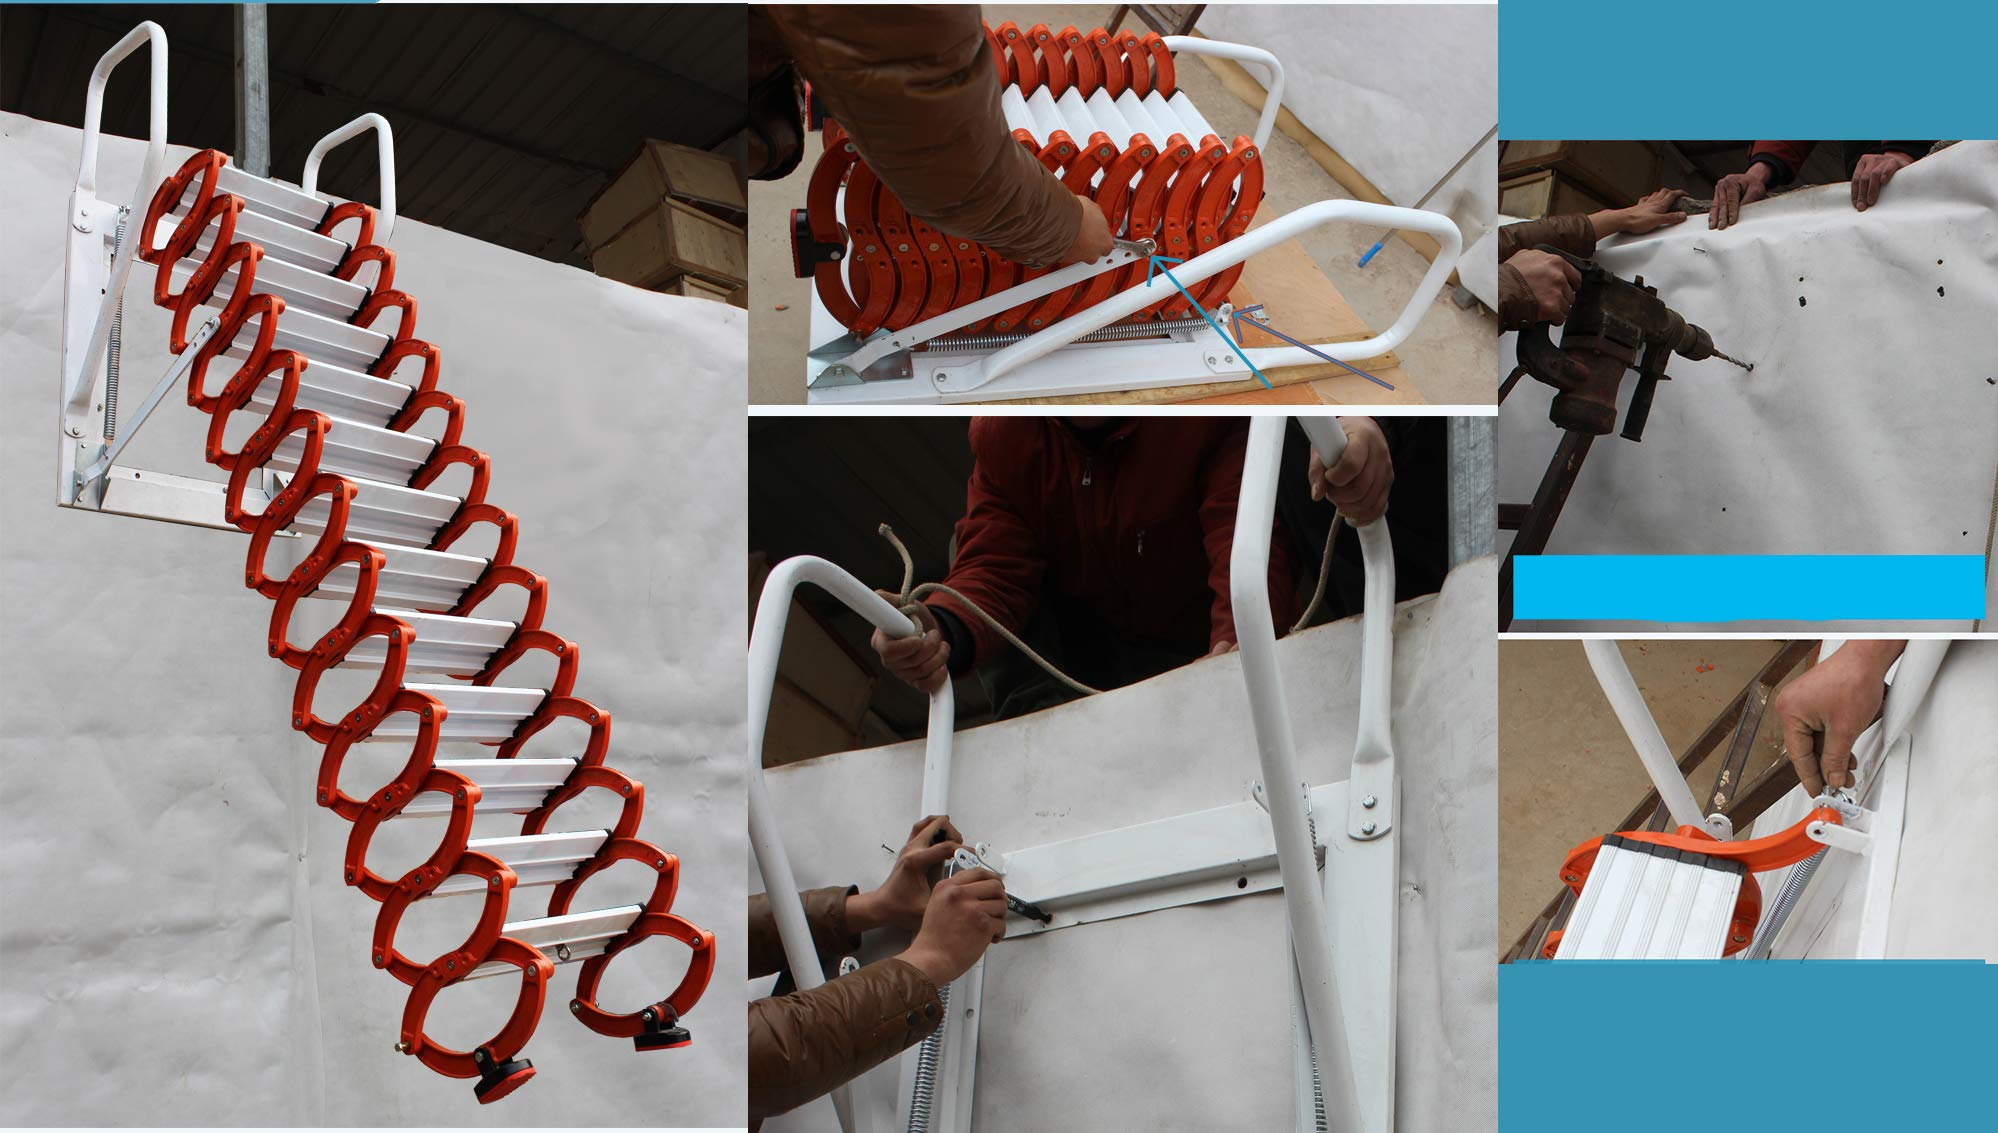 Inicio Loft Escaleras retráctiles Colgante de pared Loft invisible Escalera abatible Bisagra La escalera plegable se puede personalizar 2M-4M (Altura vertical 3M): Amazon.es: Bricolaje y herramientas